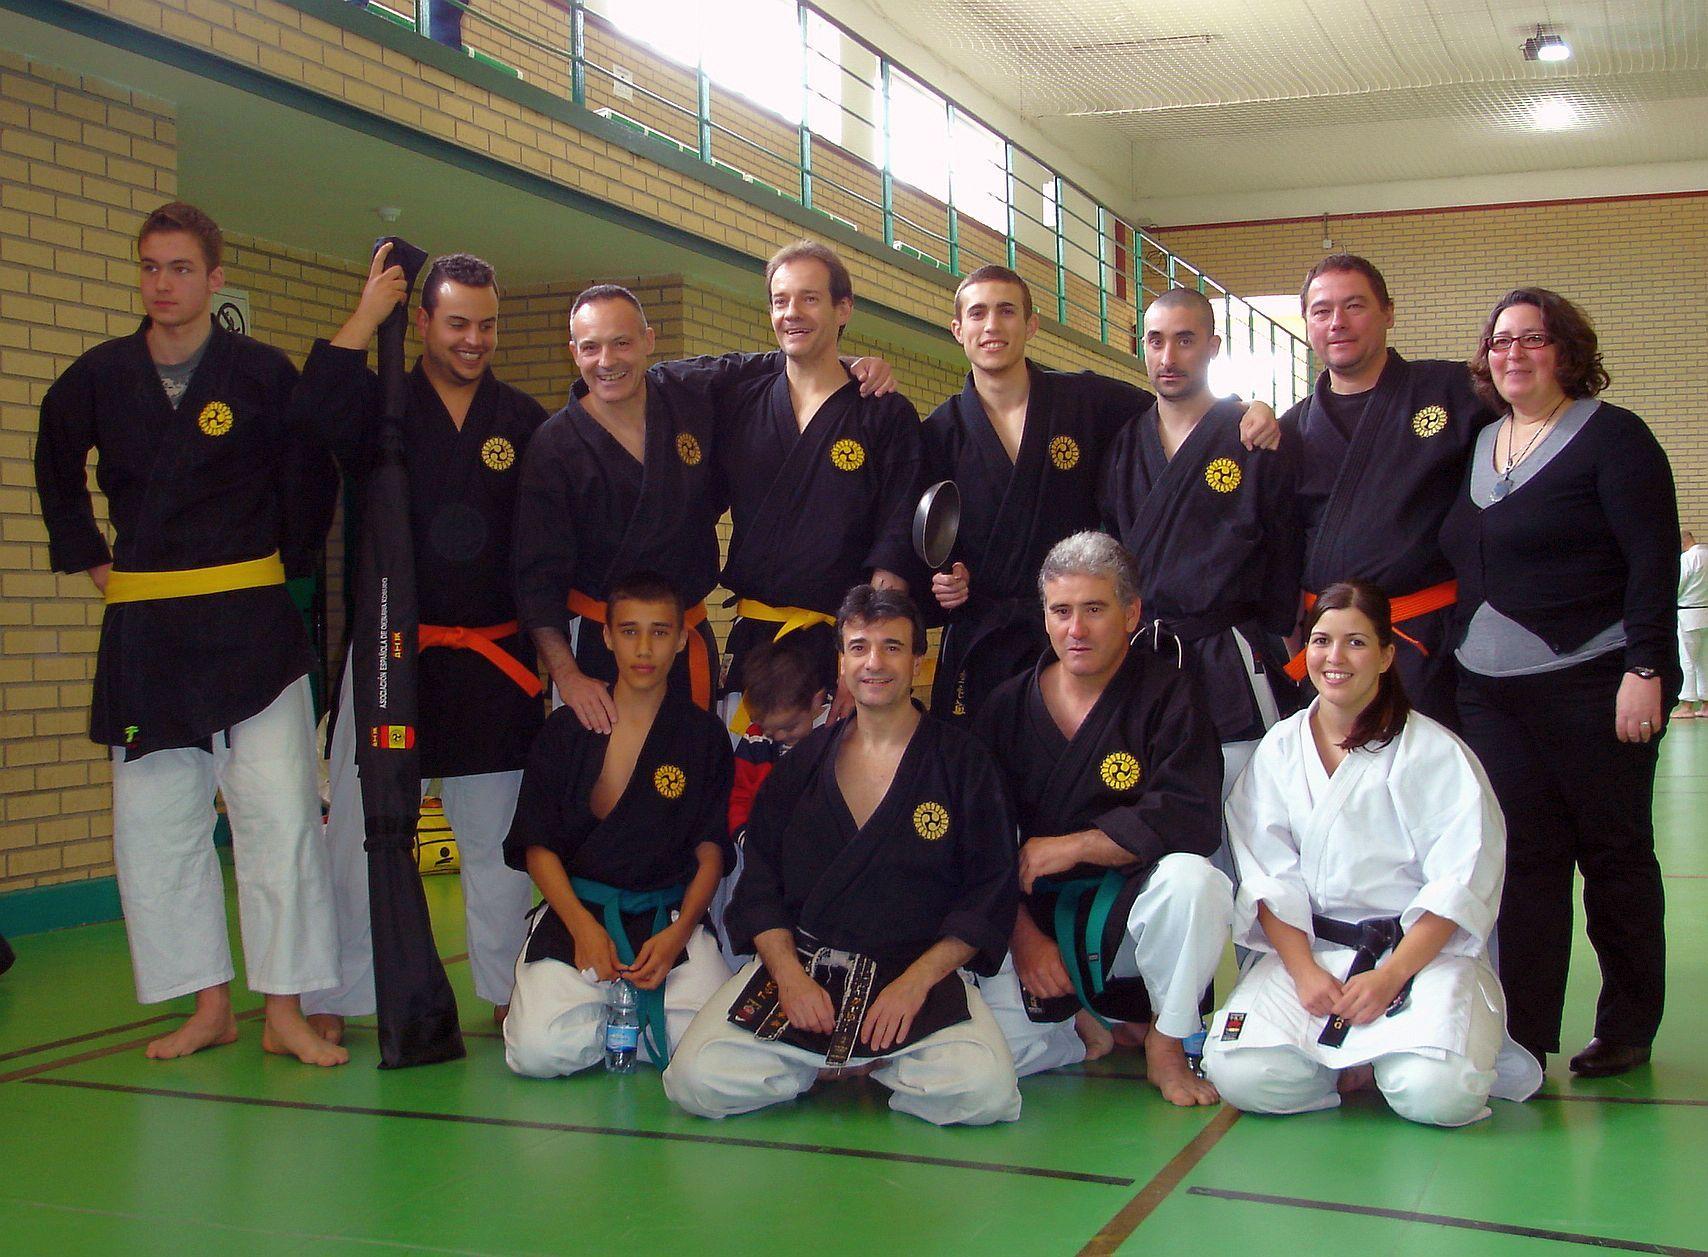 Anexo:Triunfos del deporte español - Wikipedia, la ...